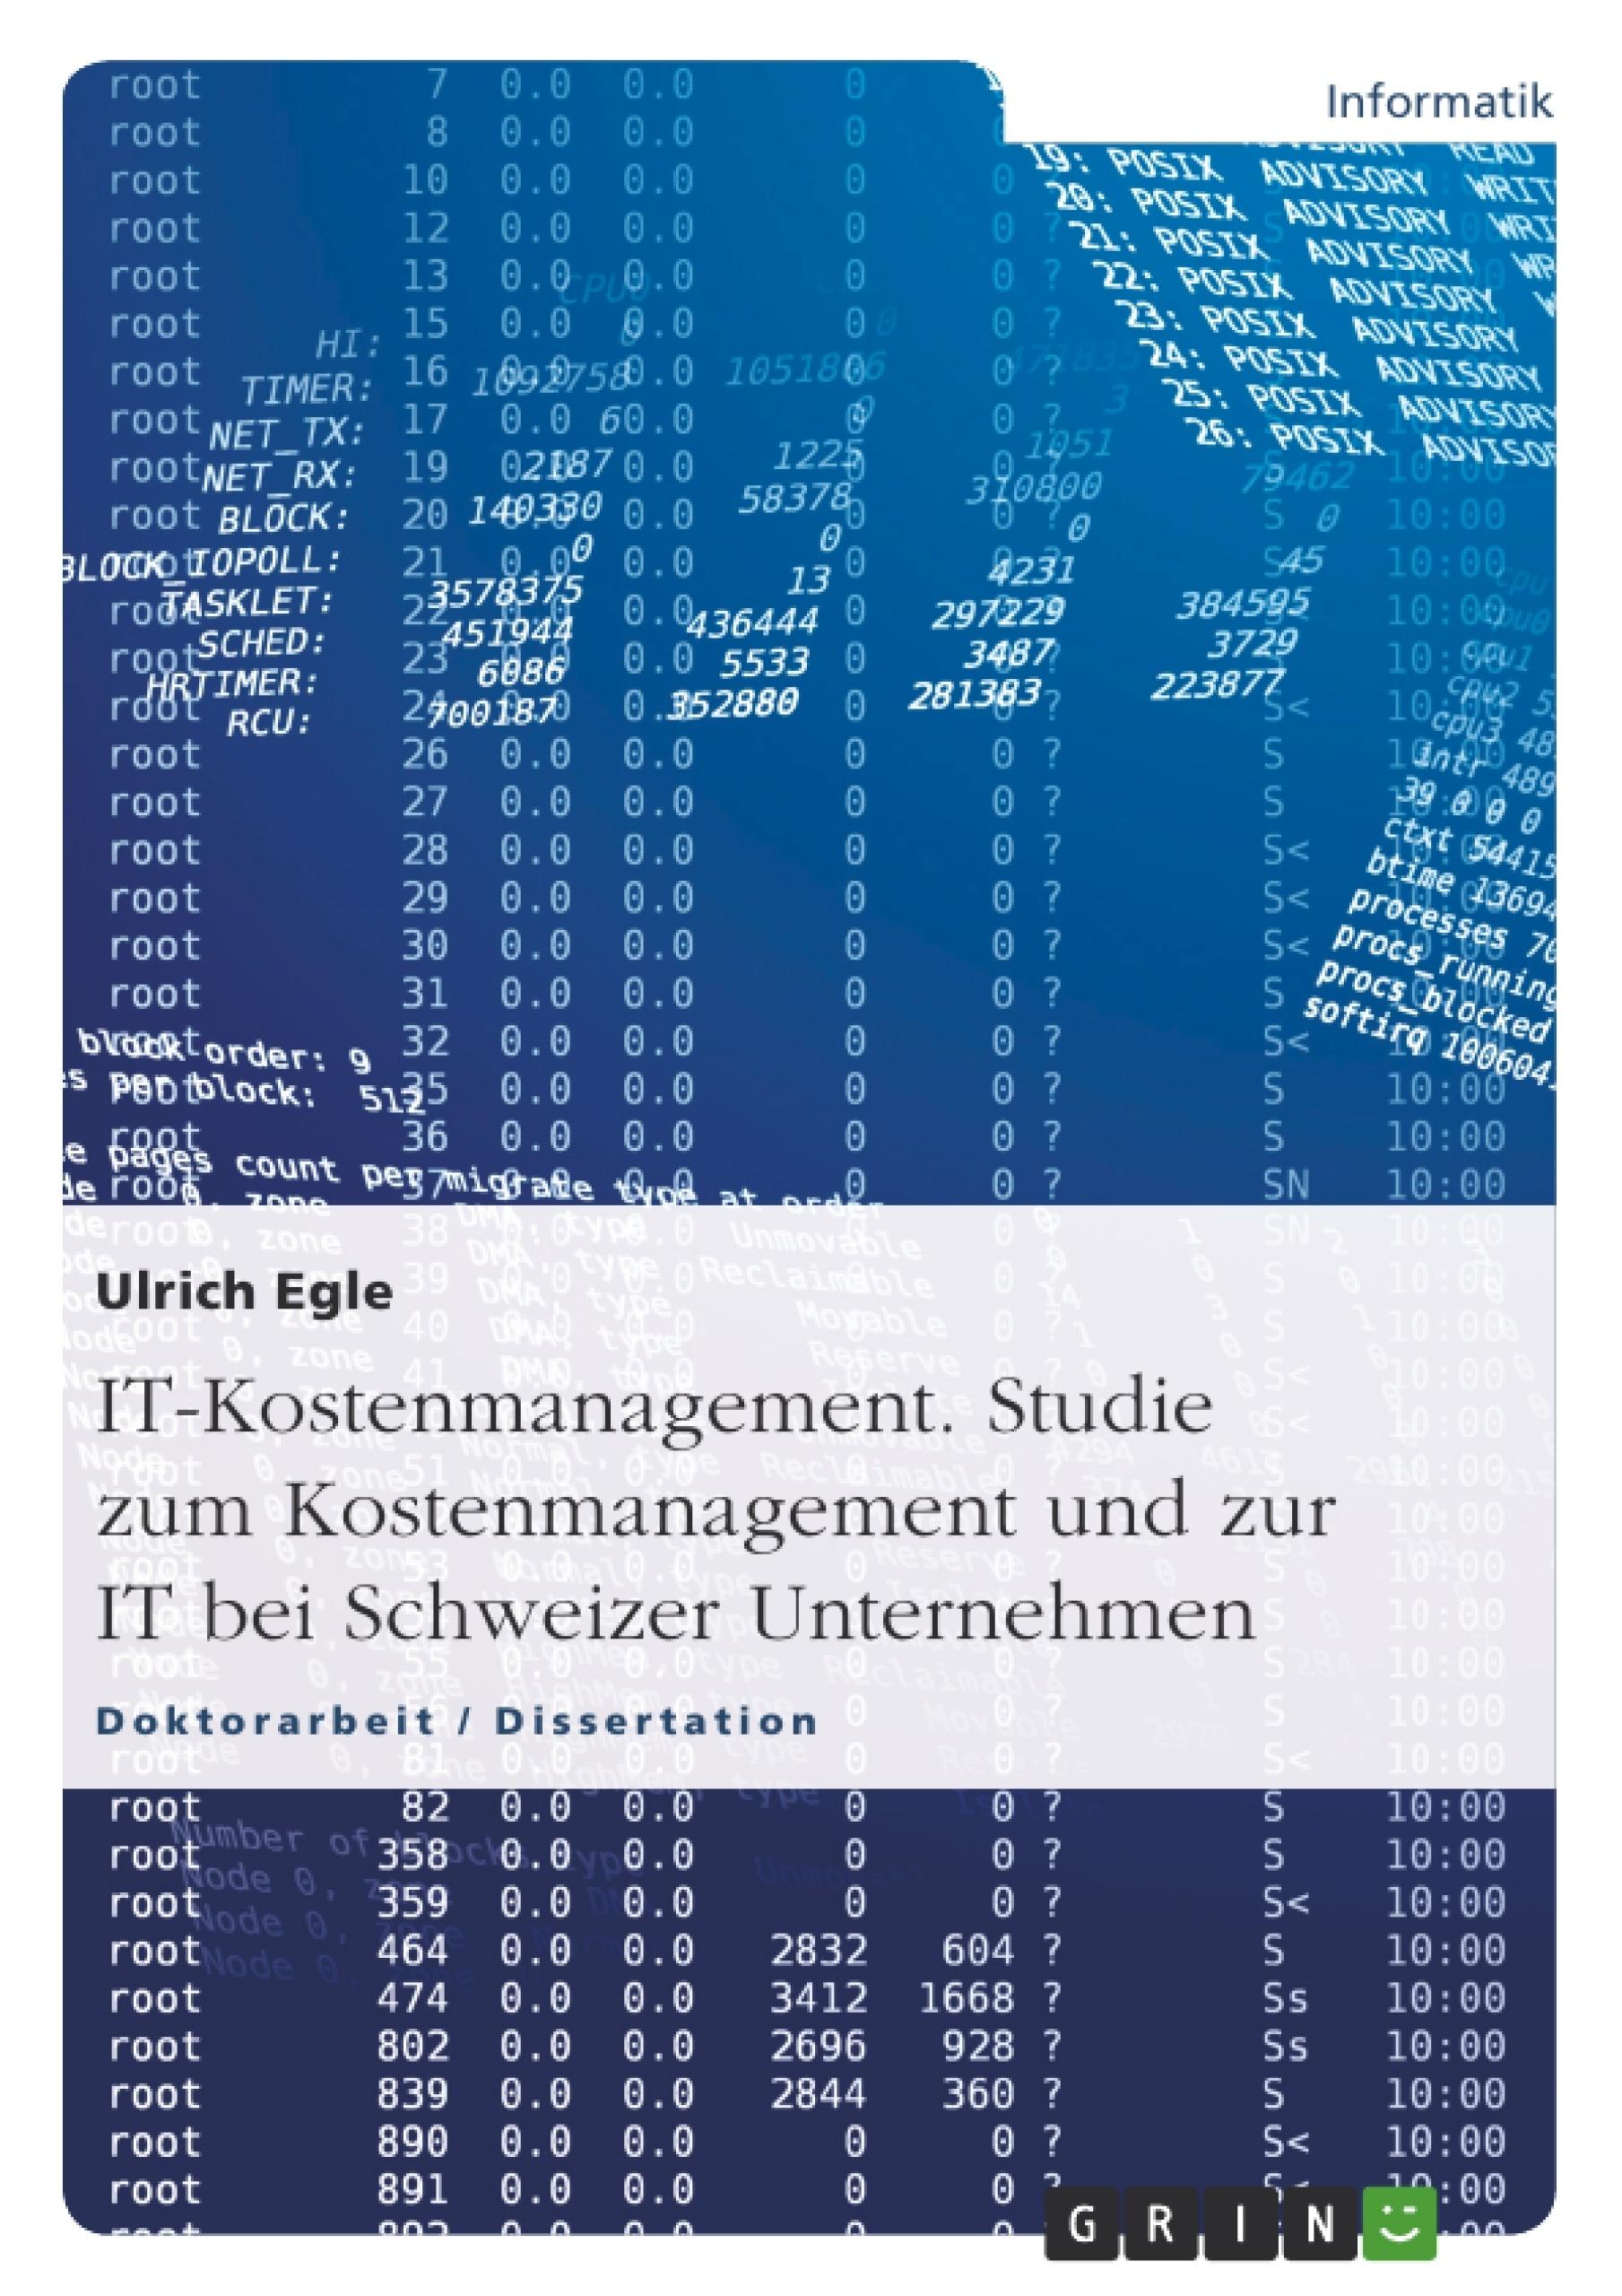 Titel: IT-Kostenmanagement. Studie zum Kostenmanagement und zur IT bei Schweizer Unternehmen